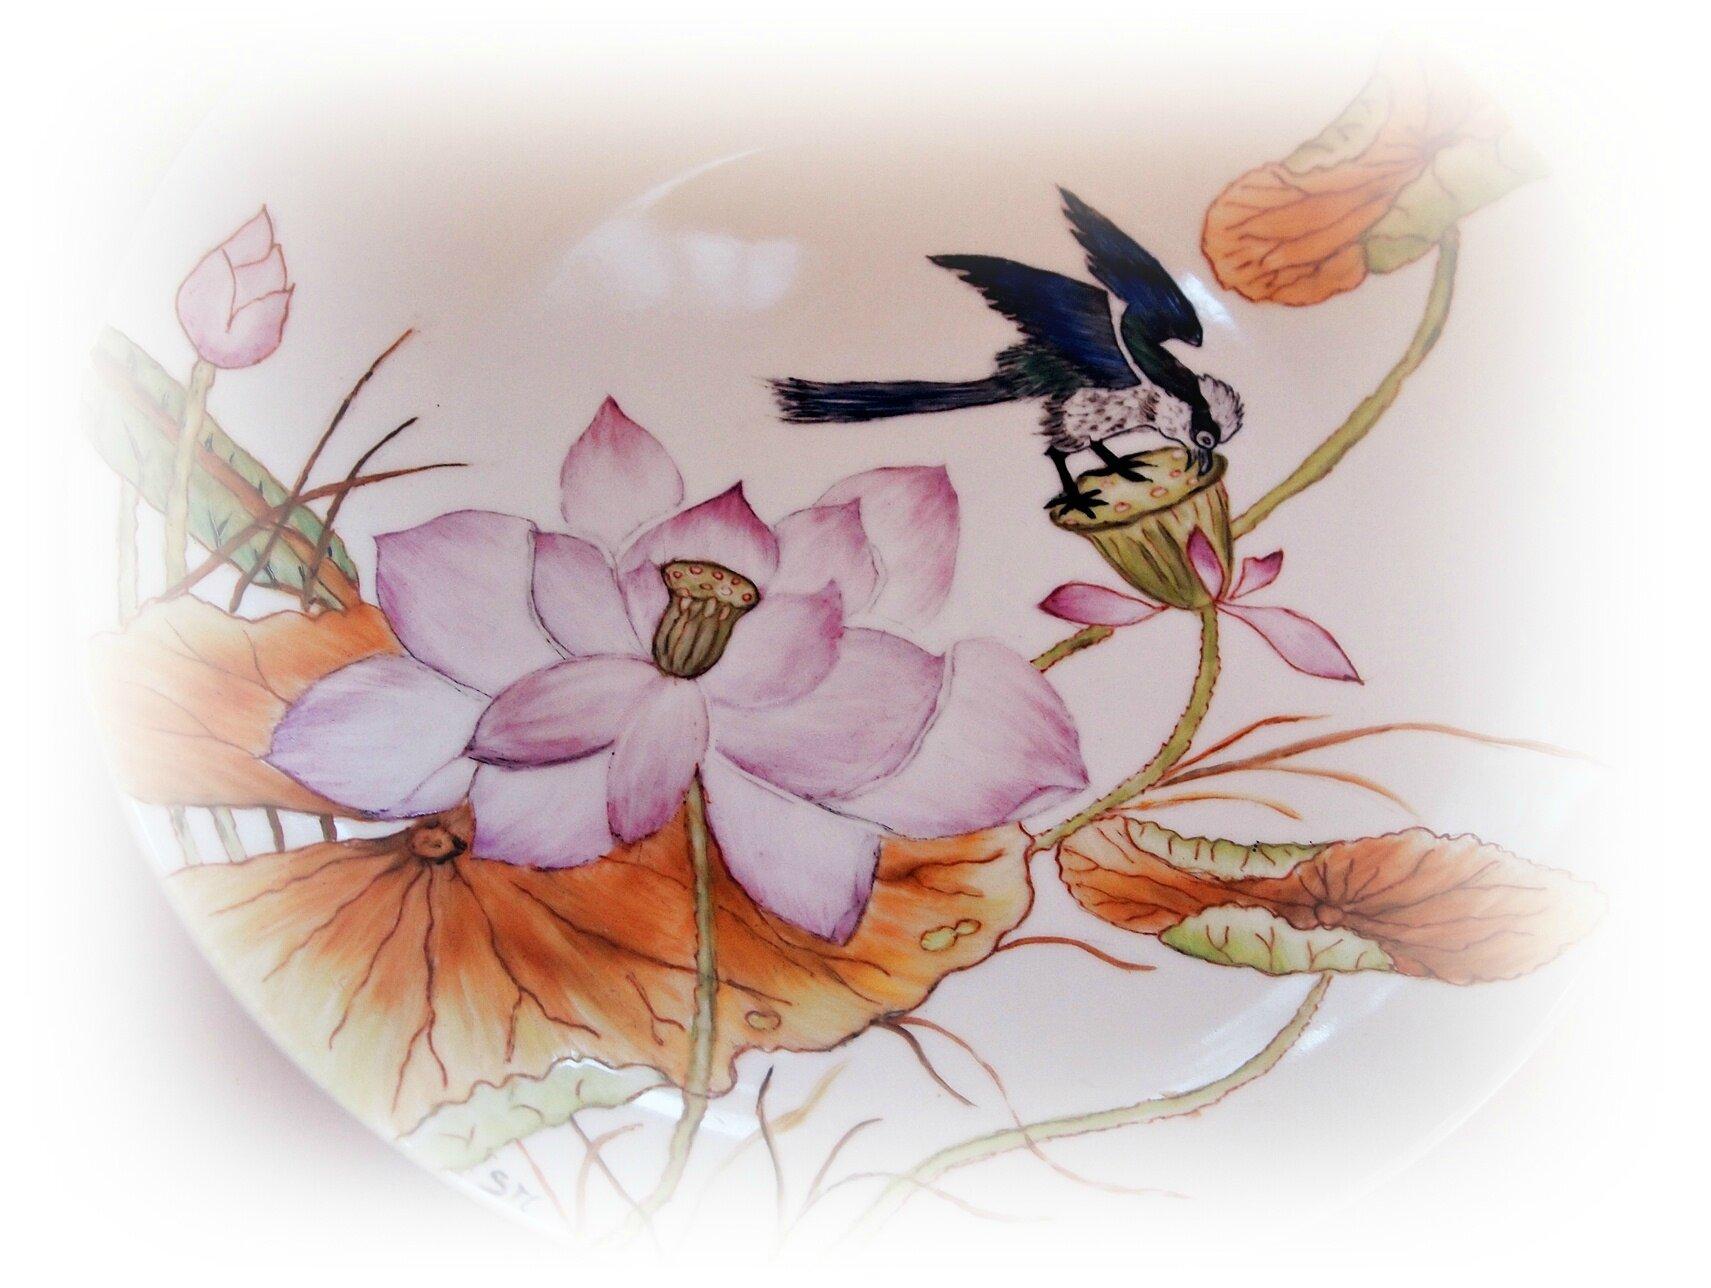 Tuto Peinture Sur Porcelaine un pas a pas en image pour ce plat lotus reve de porcelaine